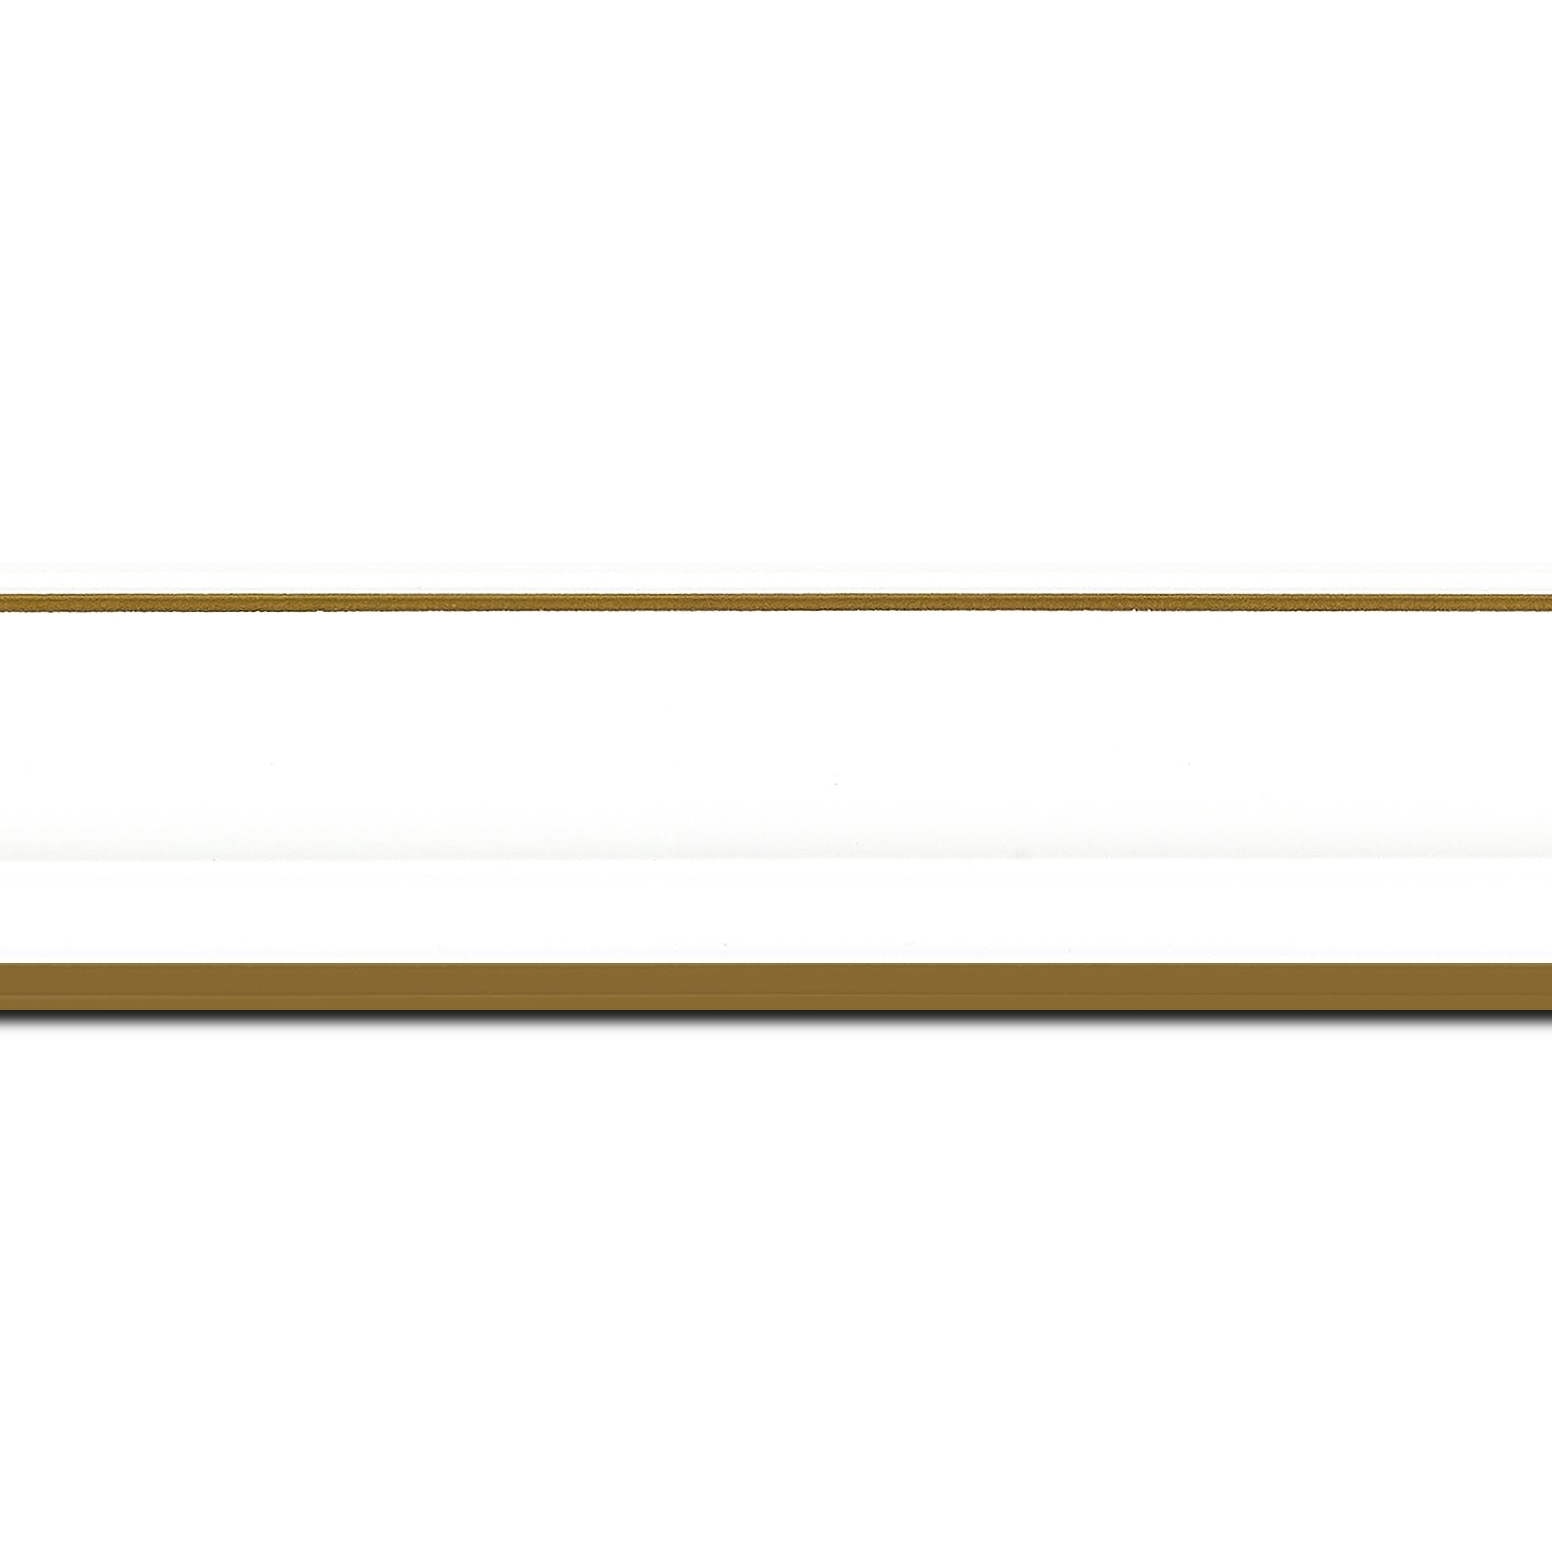 Baguette longueur 1.40m bois profil doucine inversée largeur 4.4cm  couleur blanc satiné filet or